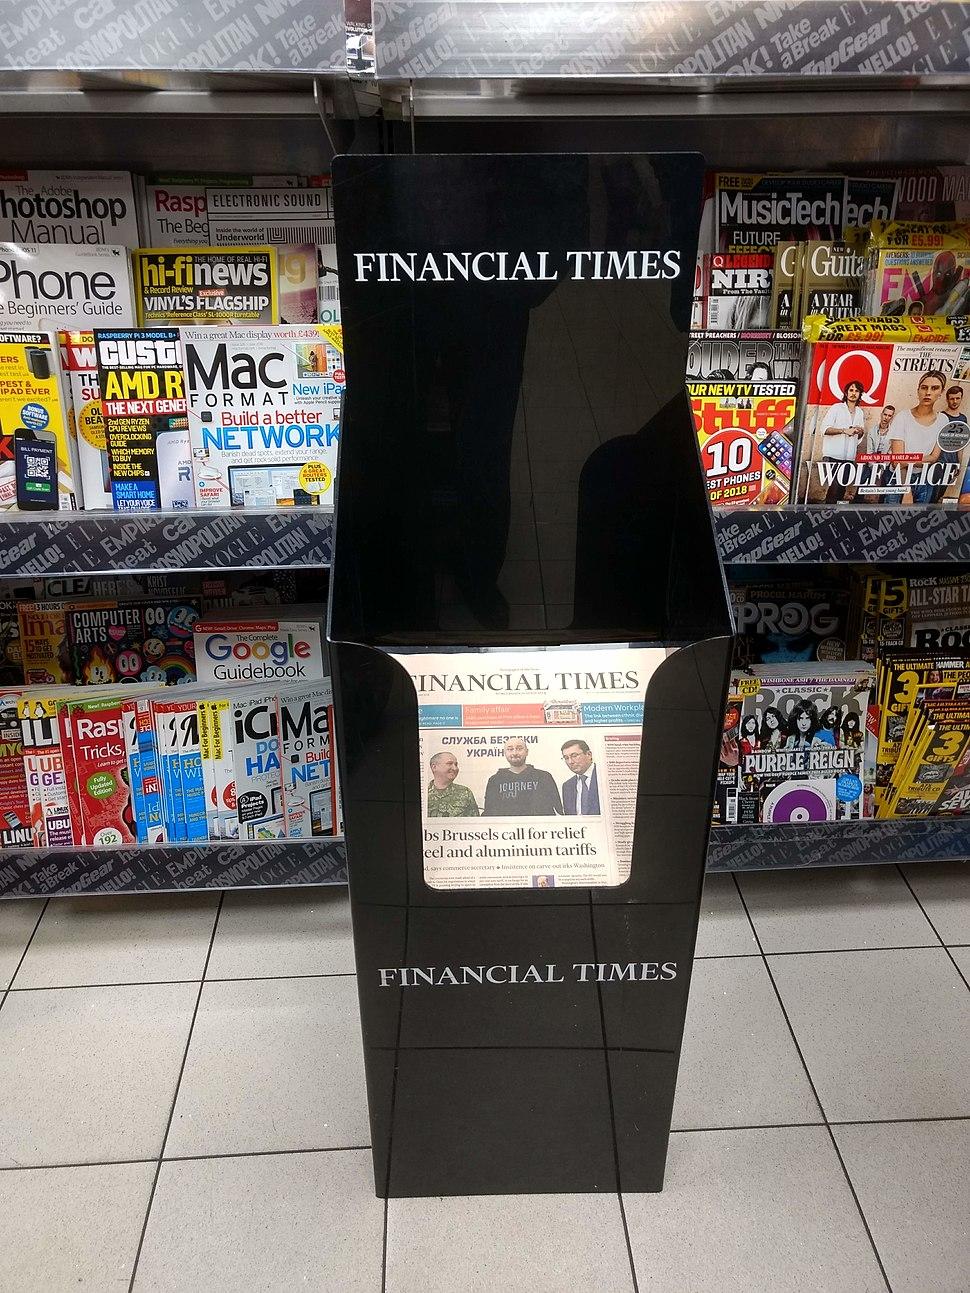 Financial Times dispenser W.H. Smith Euston Station